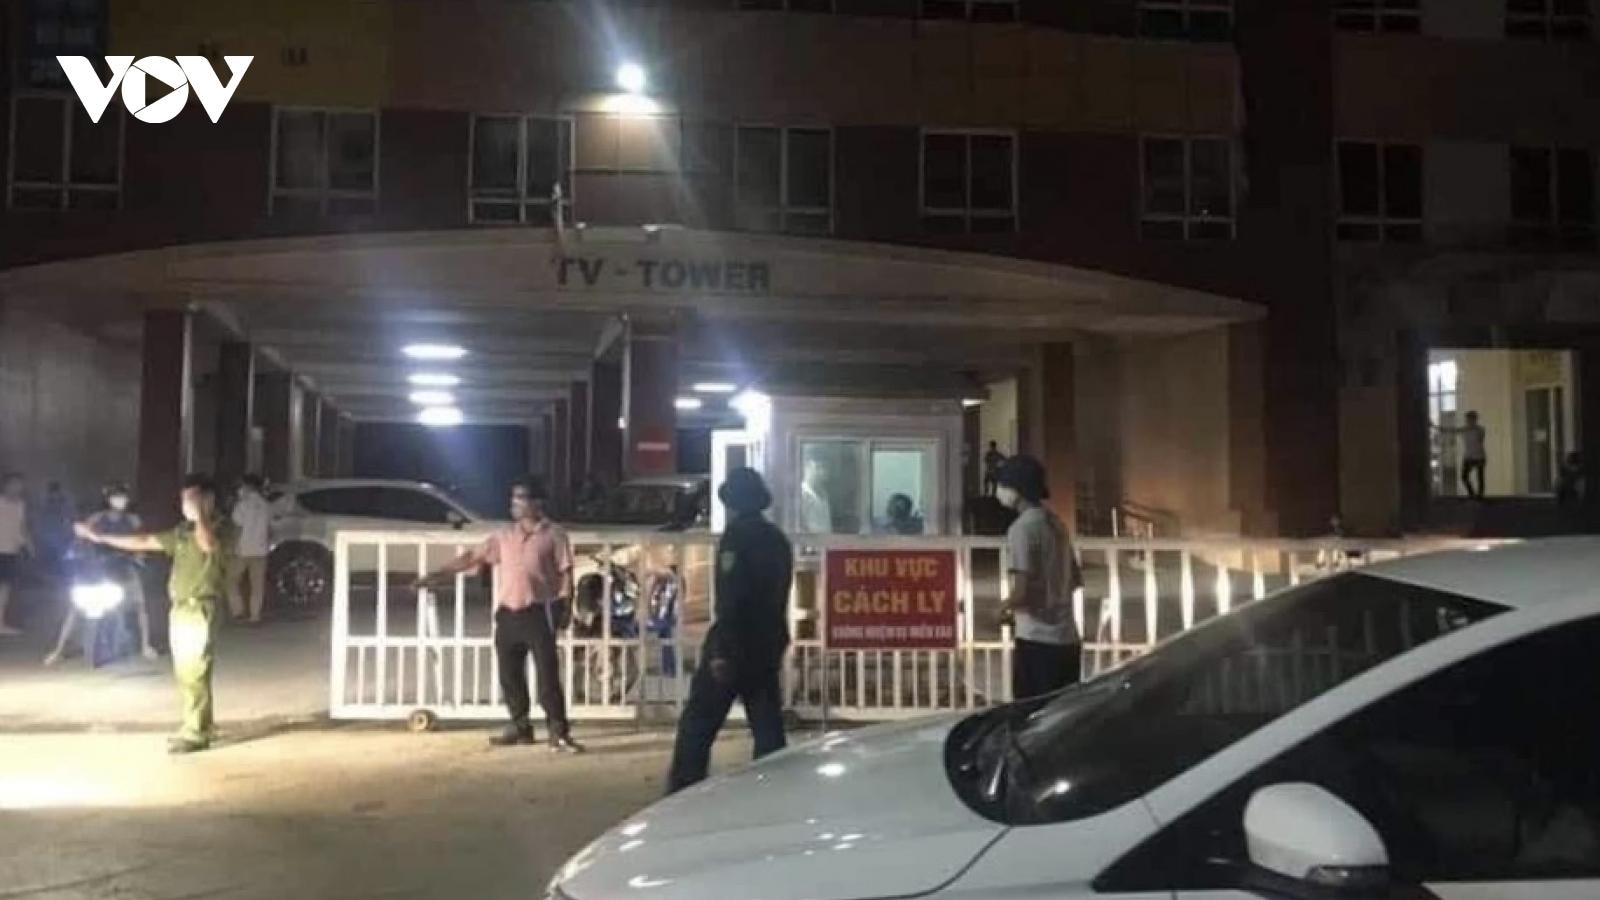 Hà Nội tiến hành phong toả chung cư Tân Việt vì ca nghi mắc Covid-19